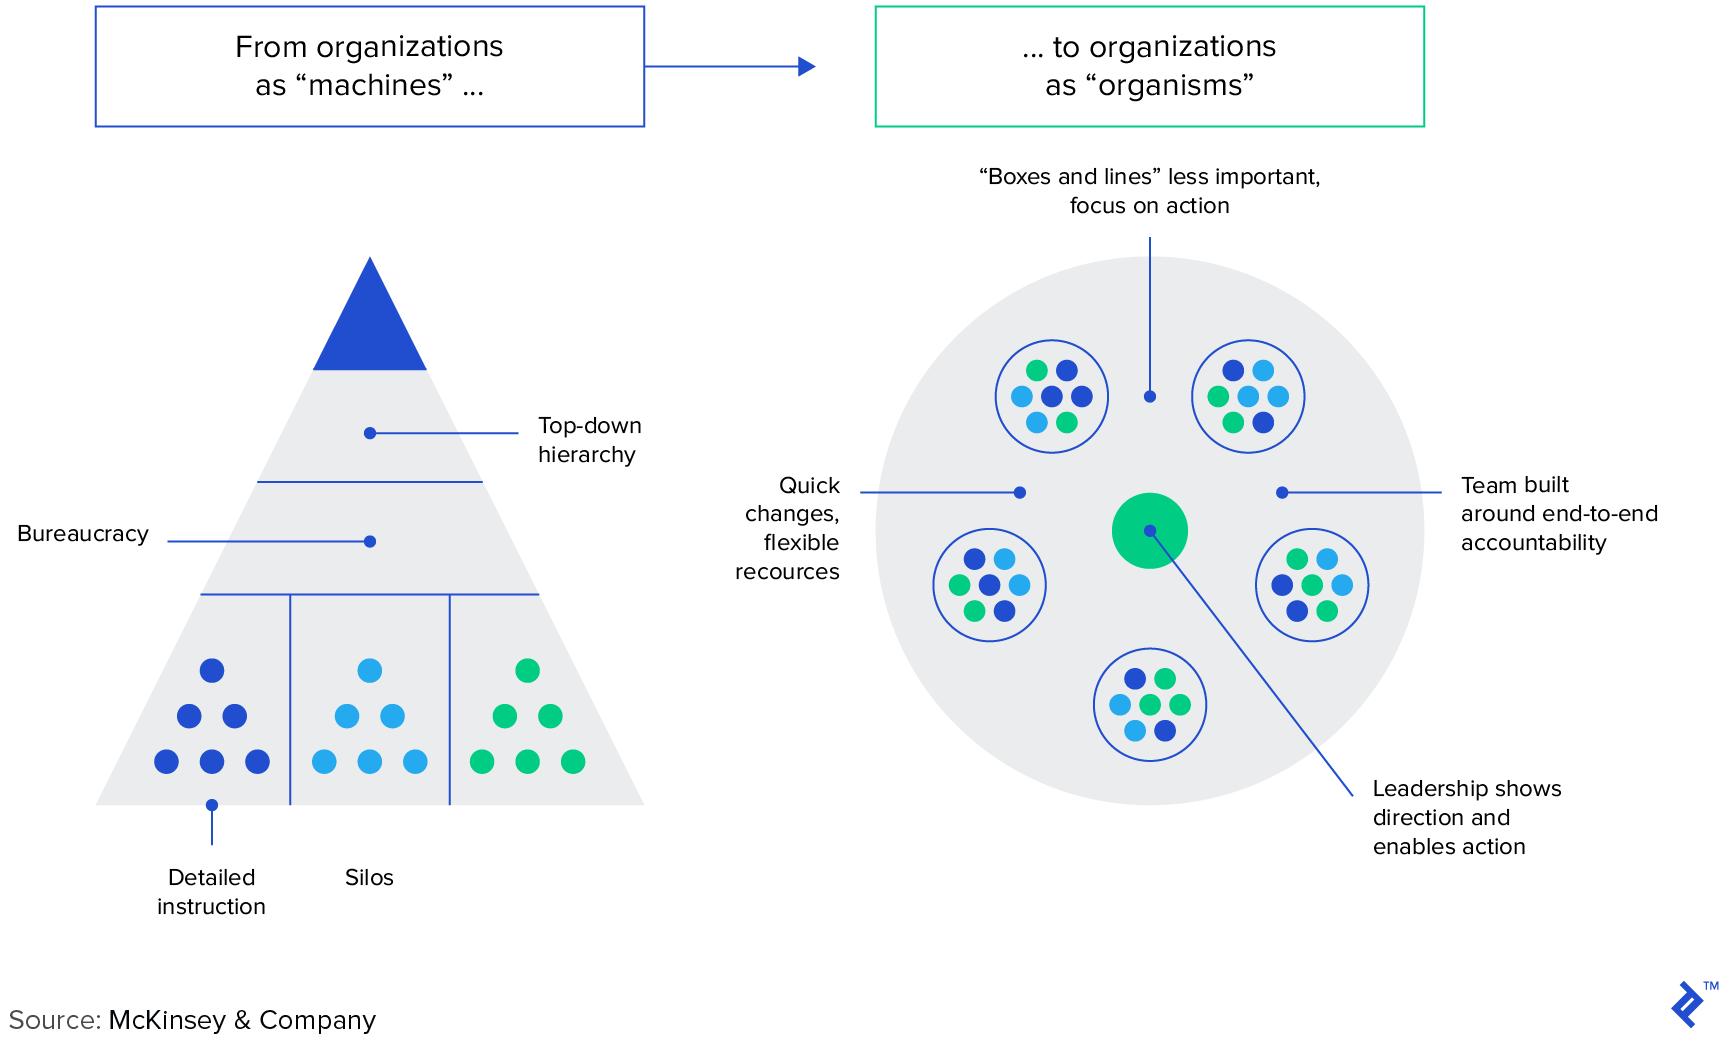 Framework for agile organizations